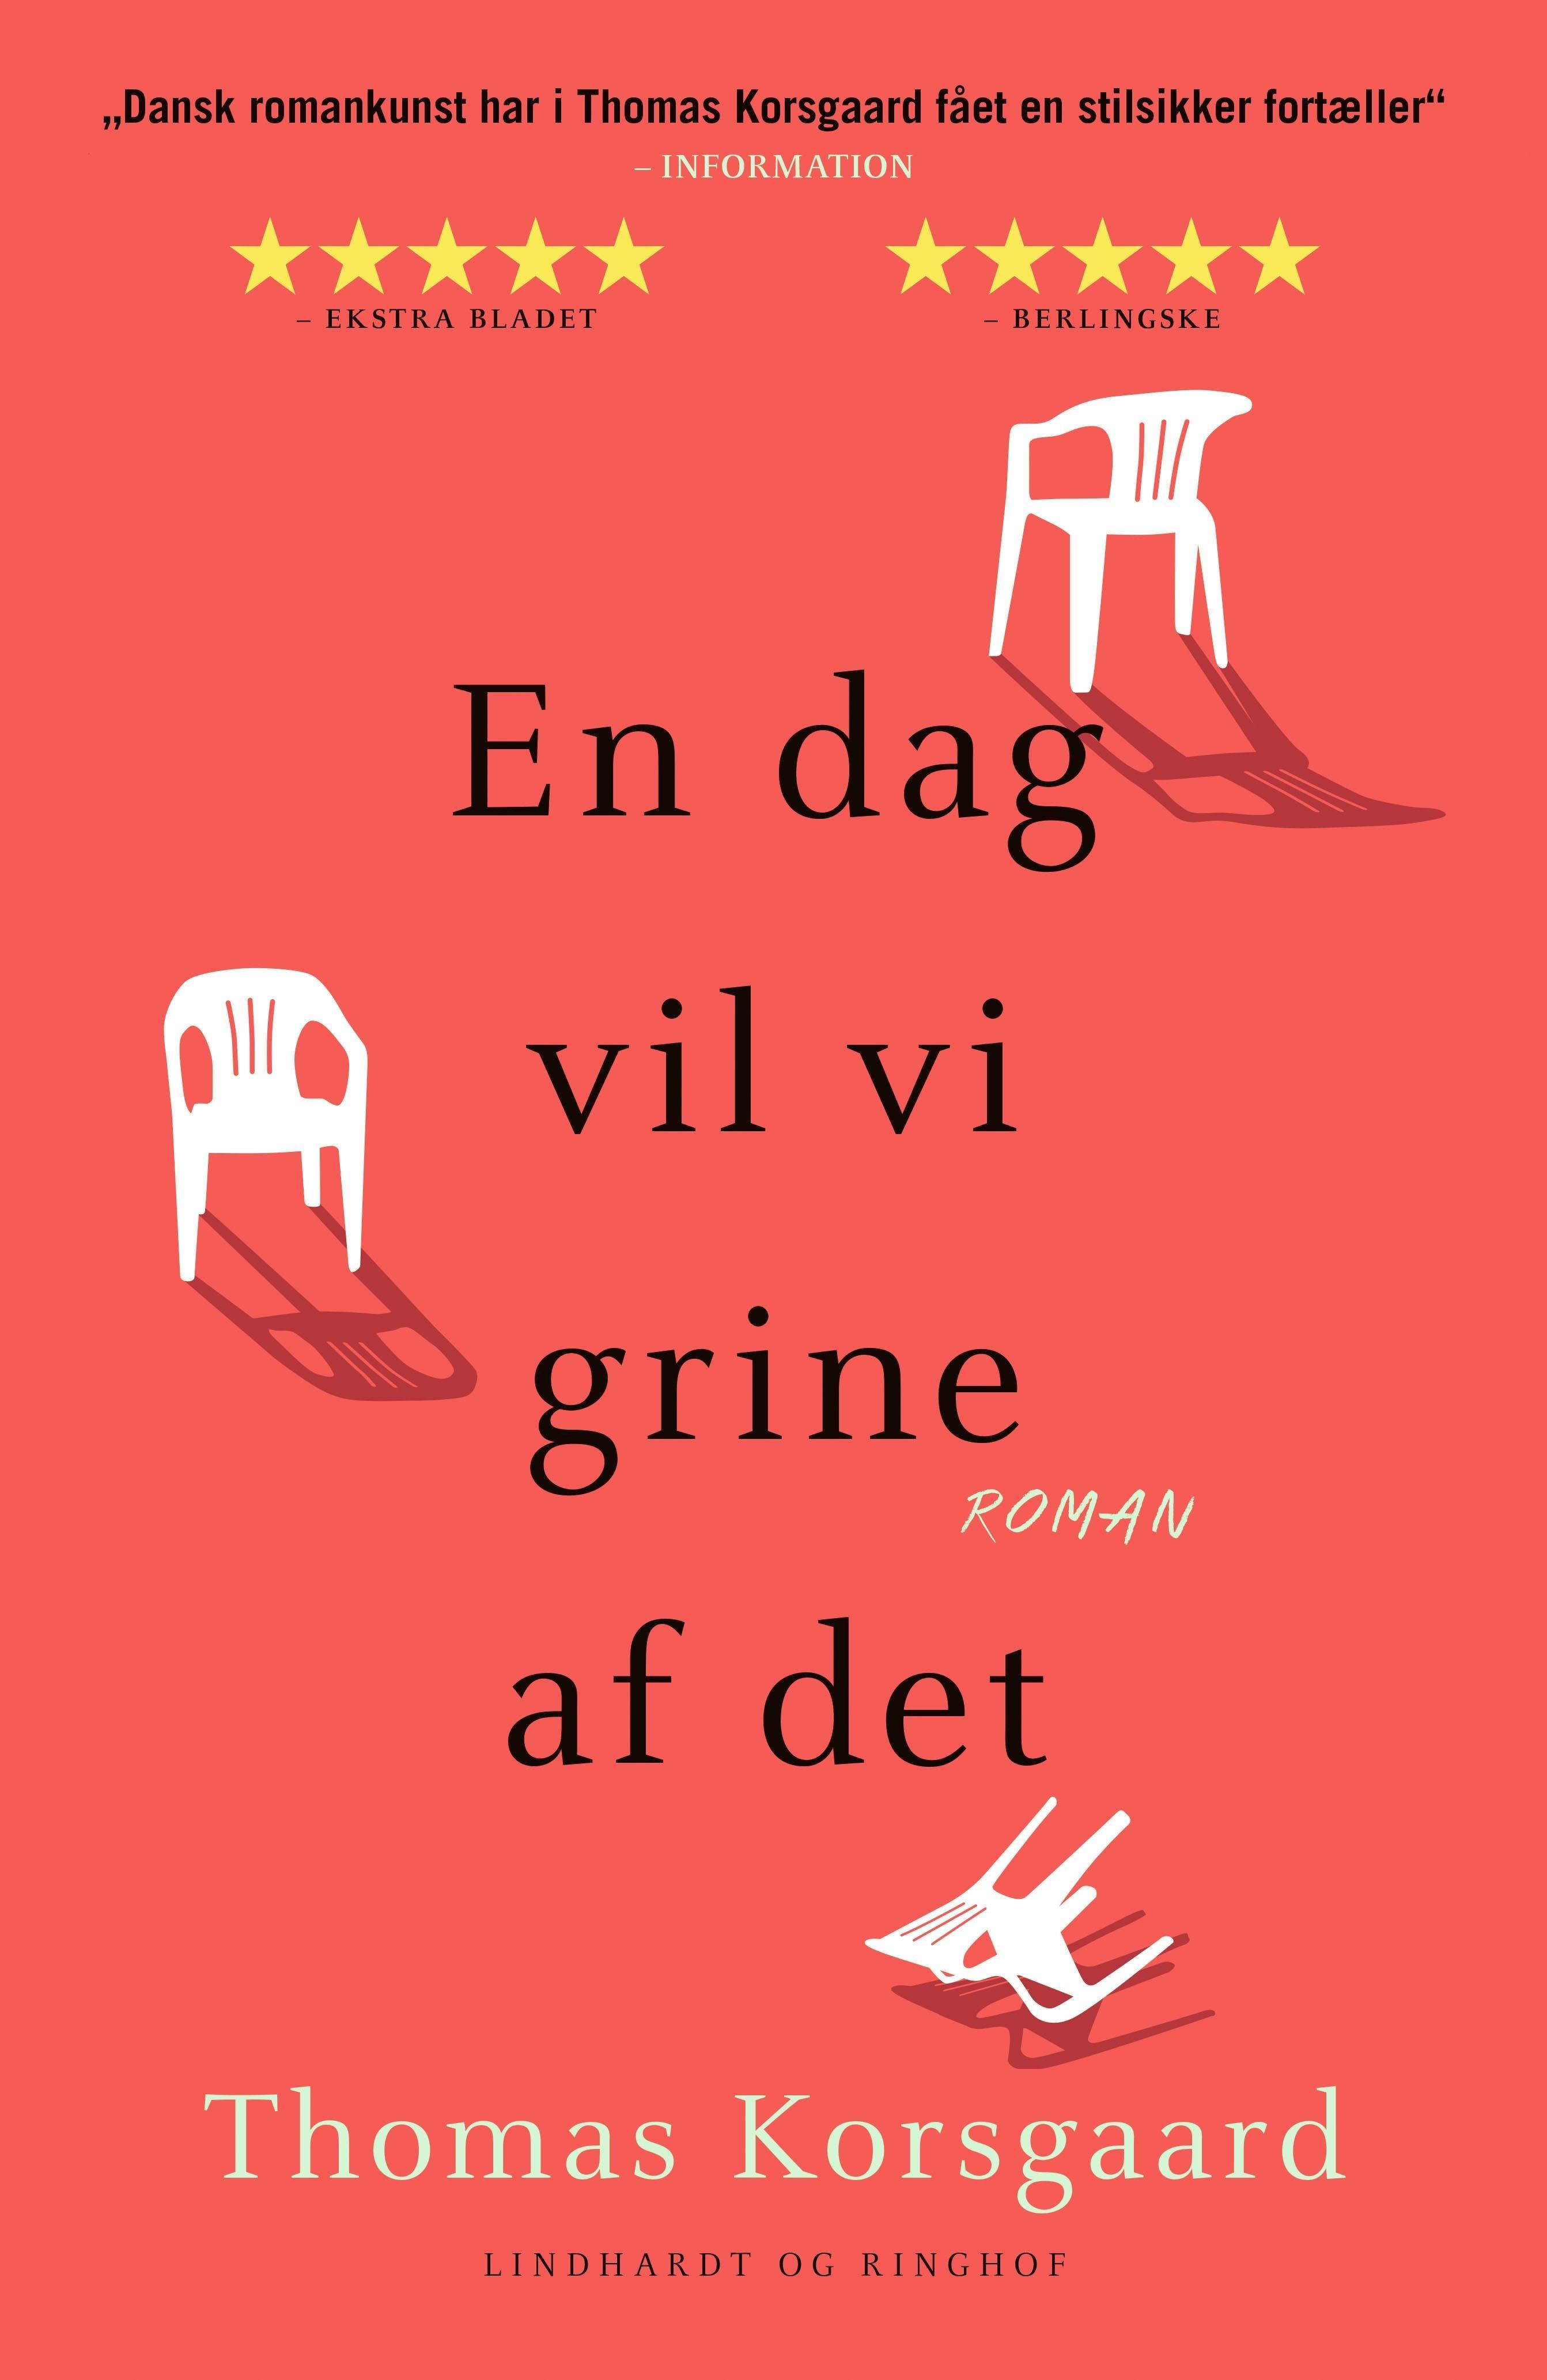 En dag vil vi grine af det - Thomas Korsgaard - Bøger - Lindhardt og Ringhof - 9788711981023 - 20/9-2019